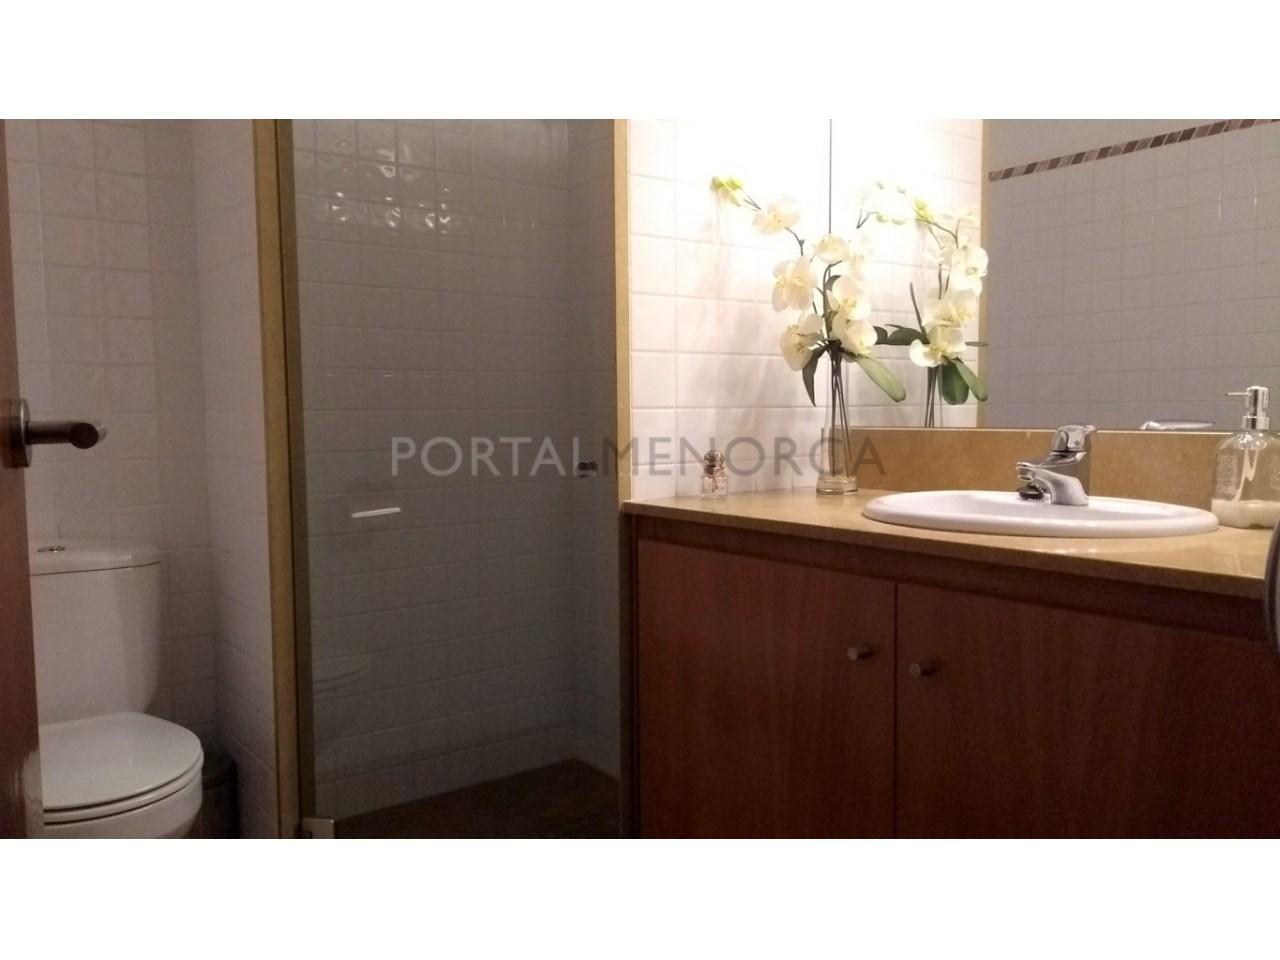 Amplia Casa con patio en venta en Ciutadella baño P.P